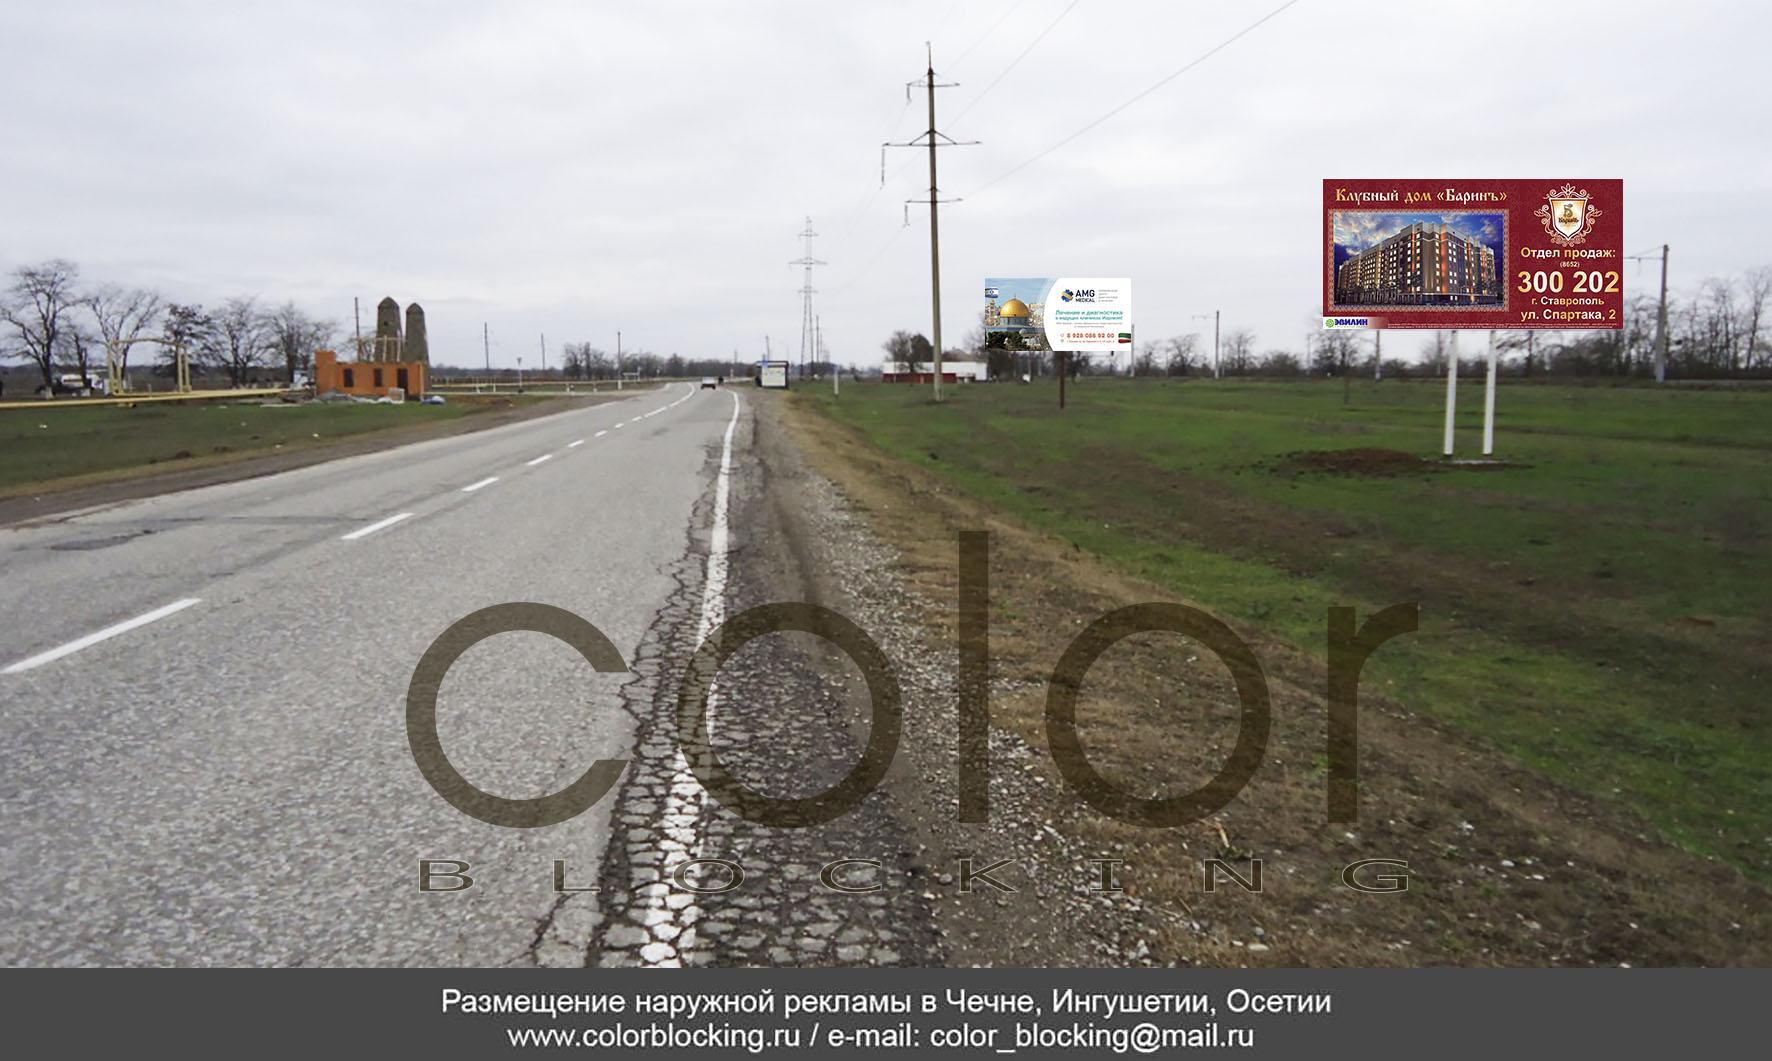 Наружная реклама в населенных пунктах Чечни Савельевская